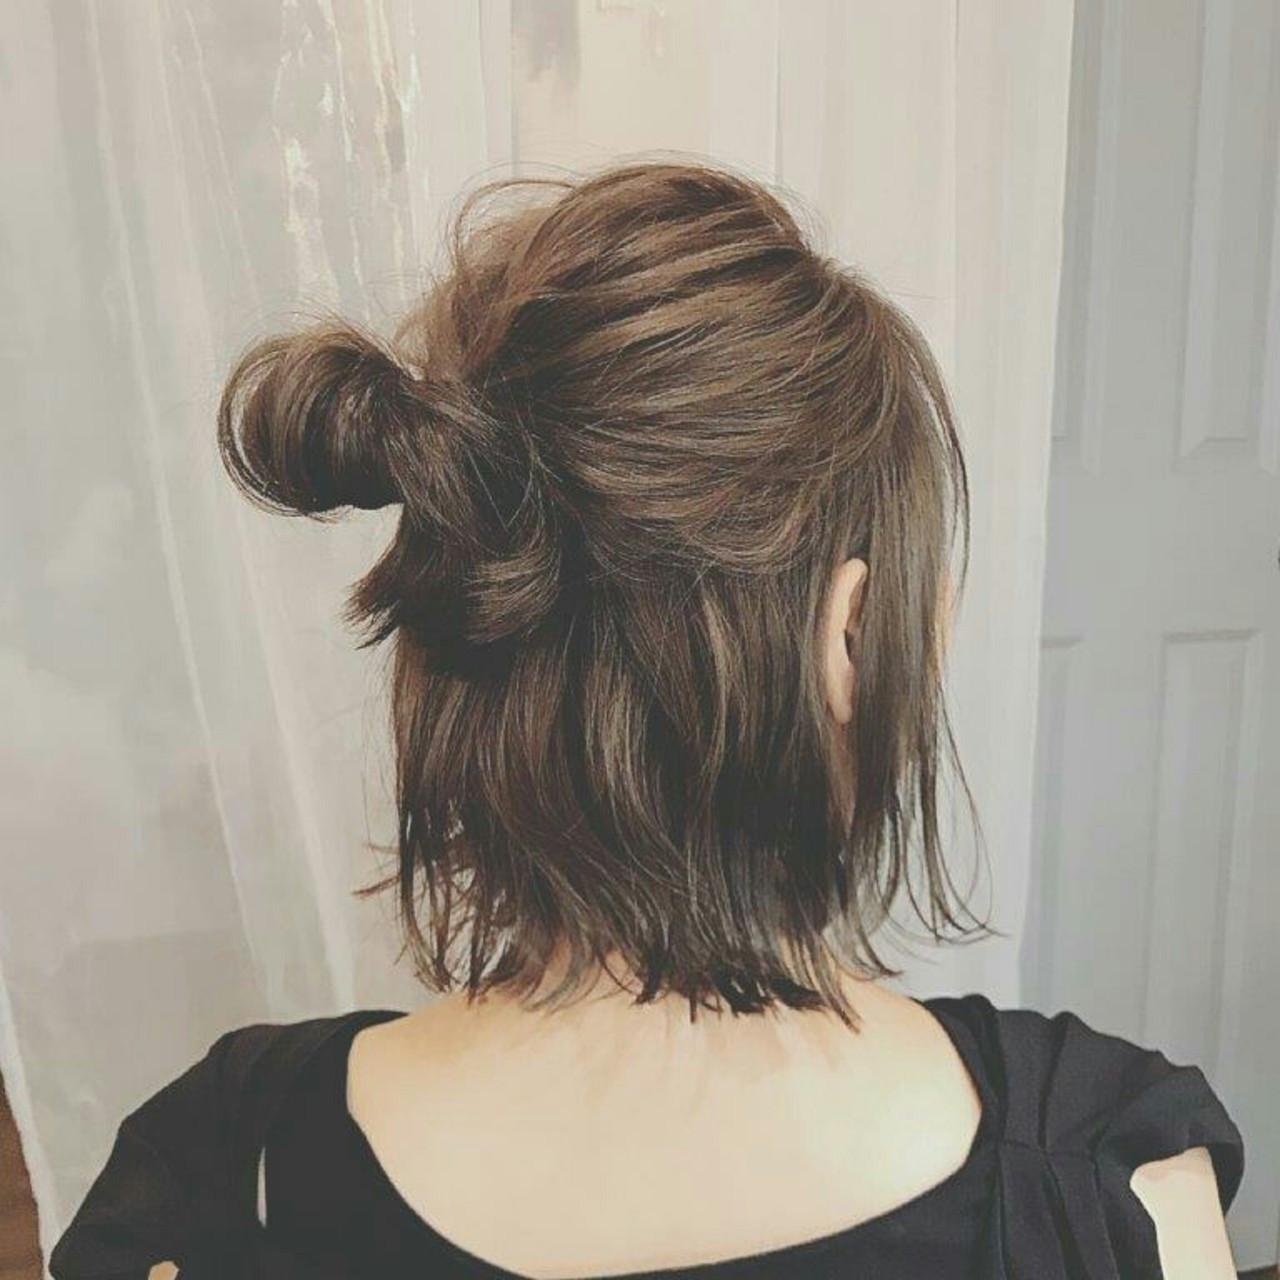 ボブ 冬 秋 フェミニン ヘアスタイルや髪型の写真・画像